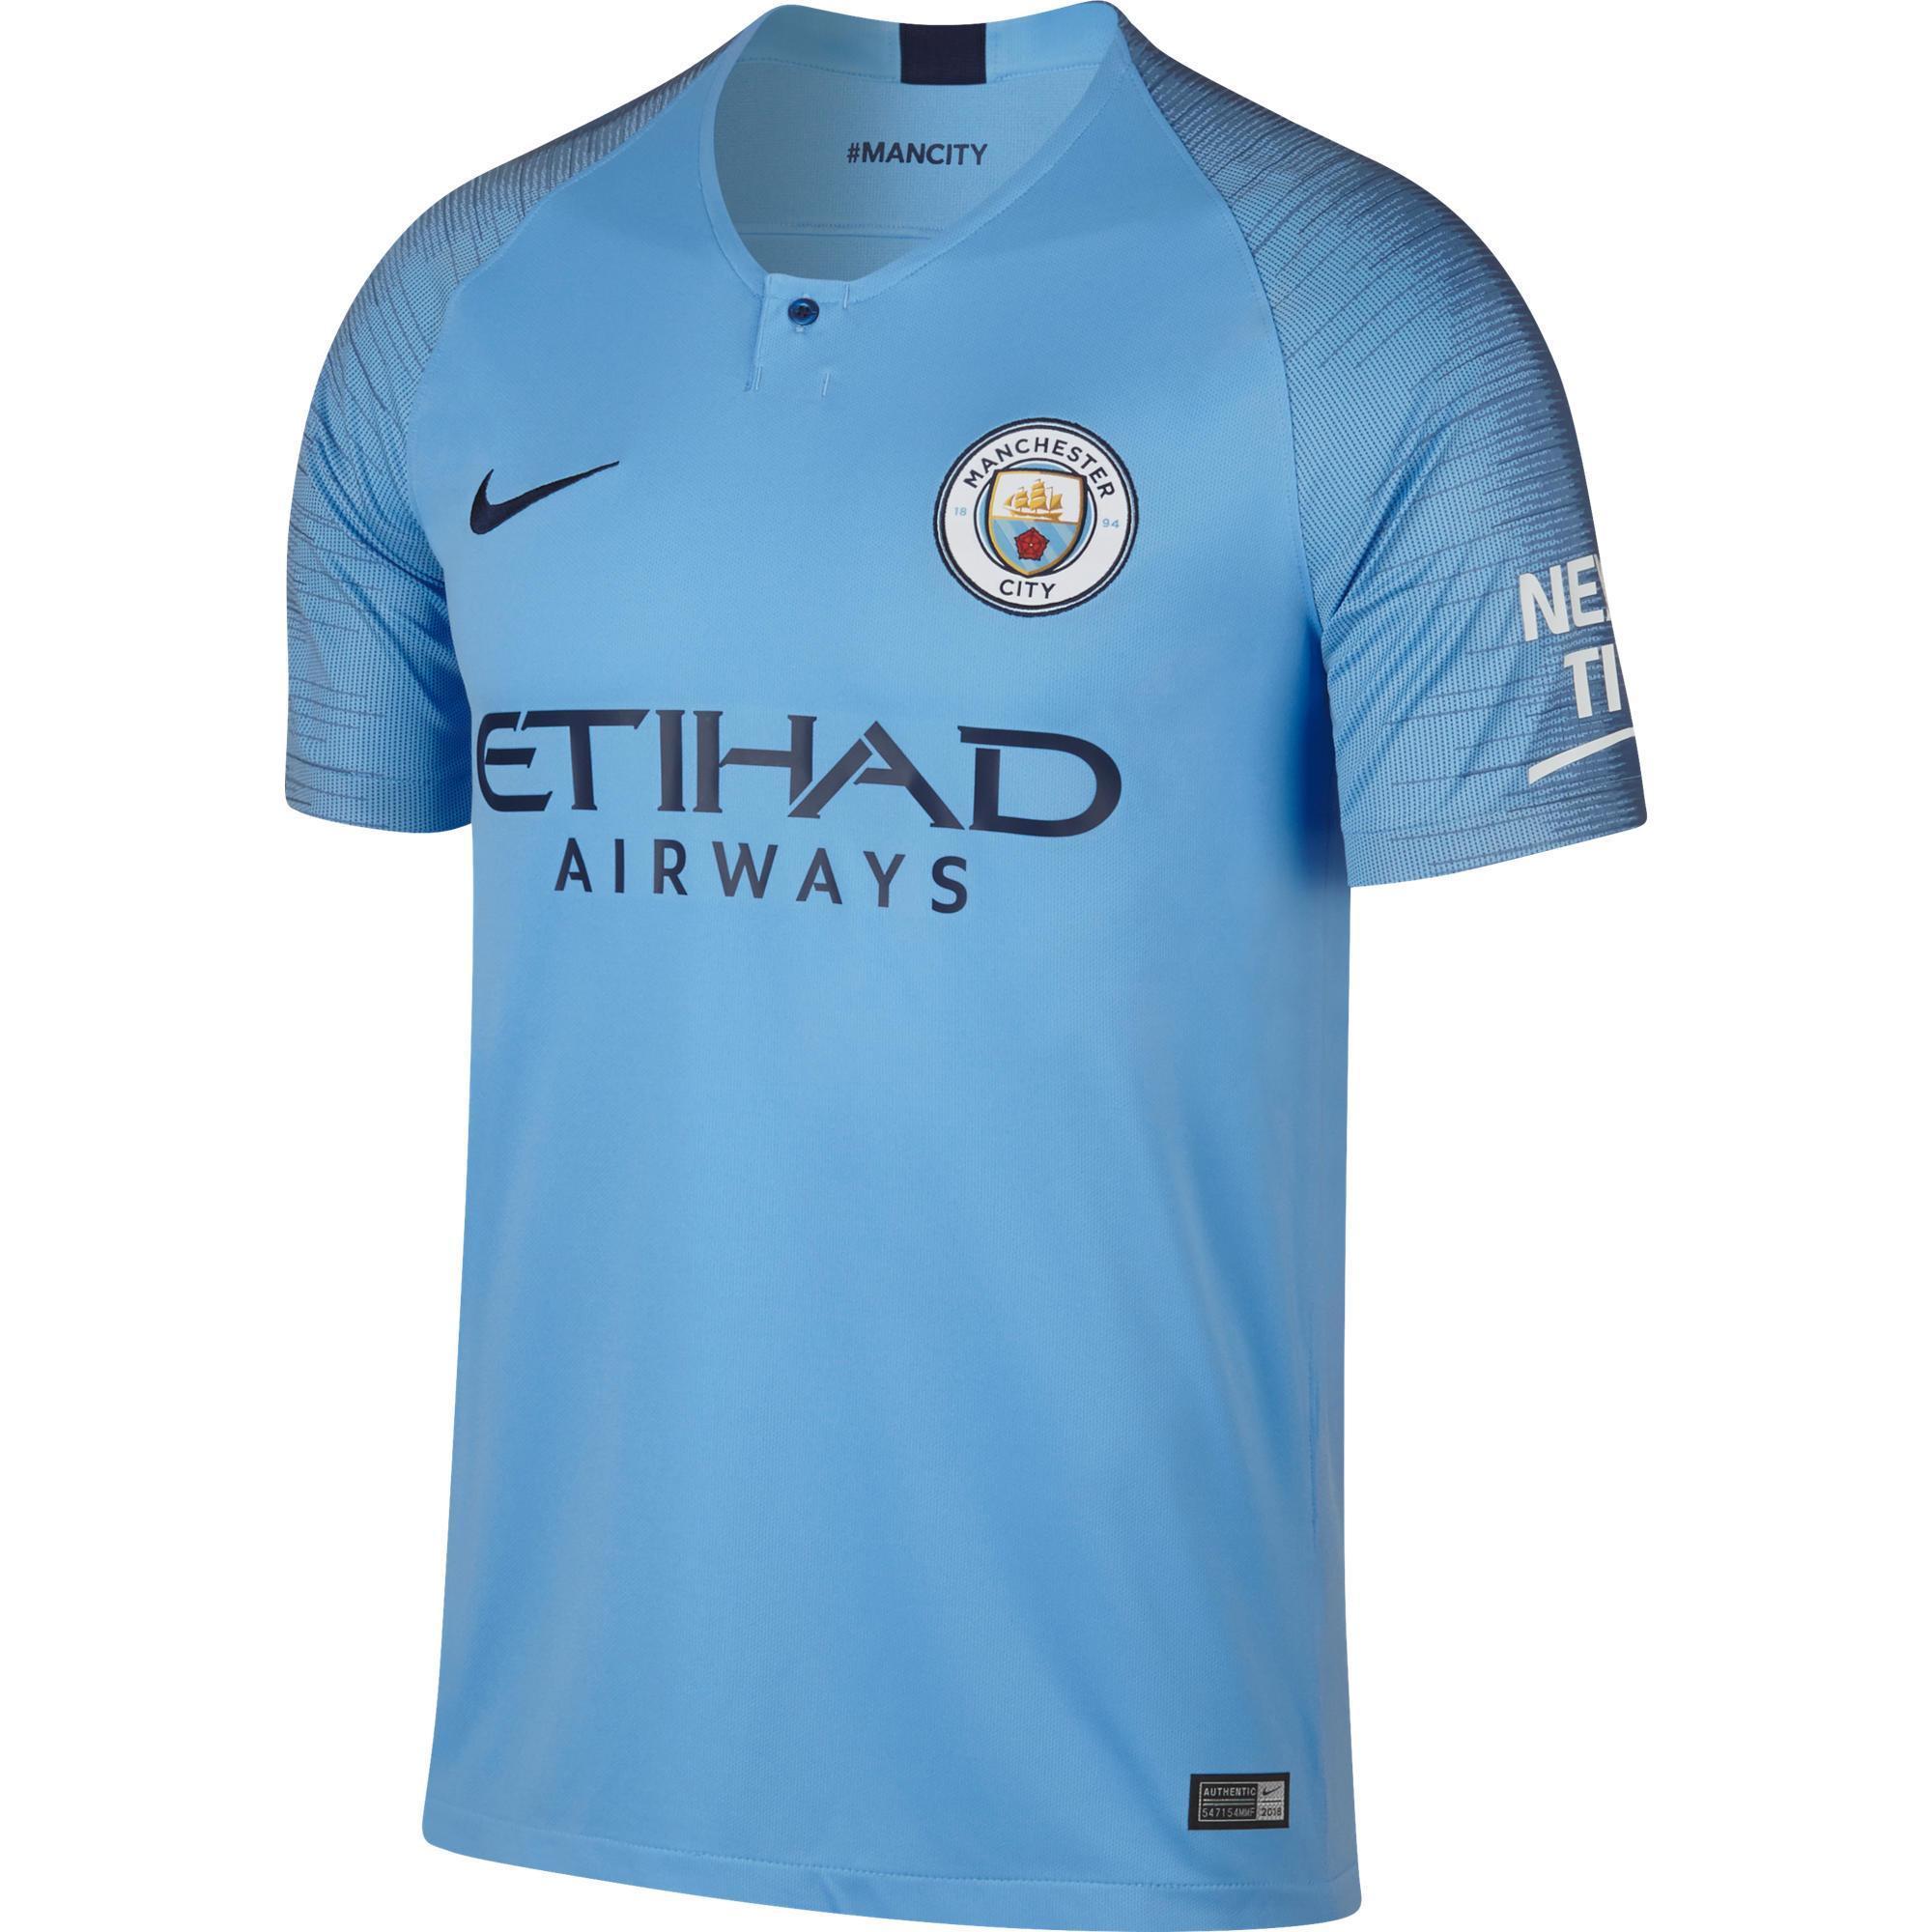 Comprar Camisetas de Fútbol para Adultos y Niños  46366f696aed3